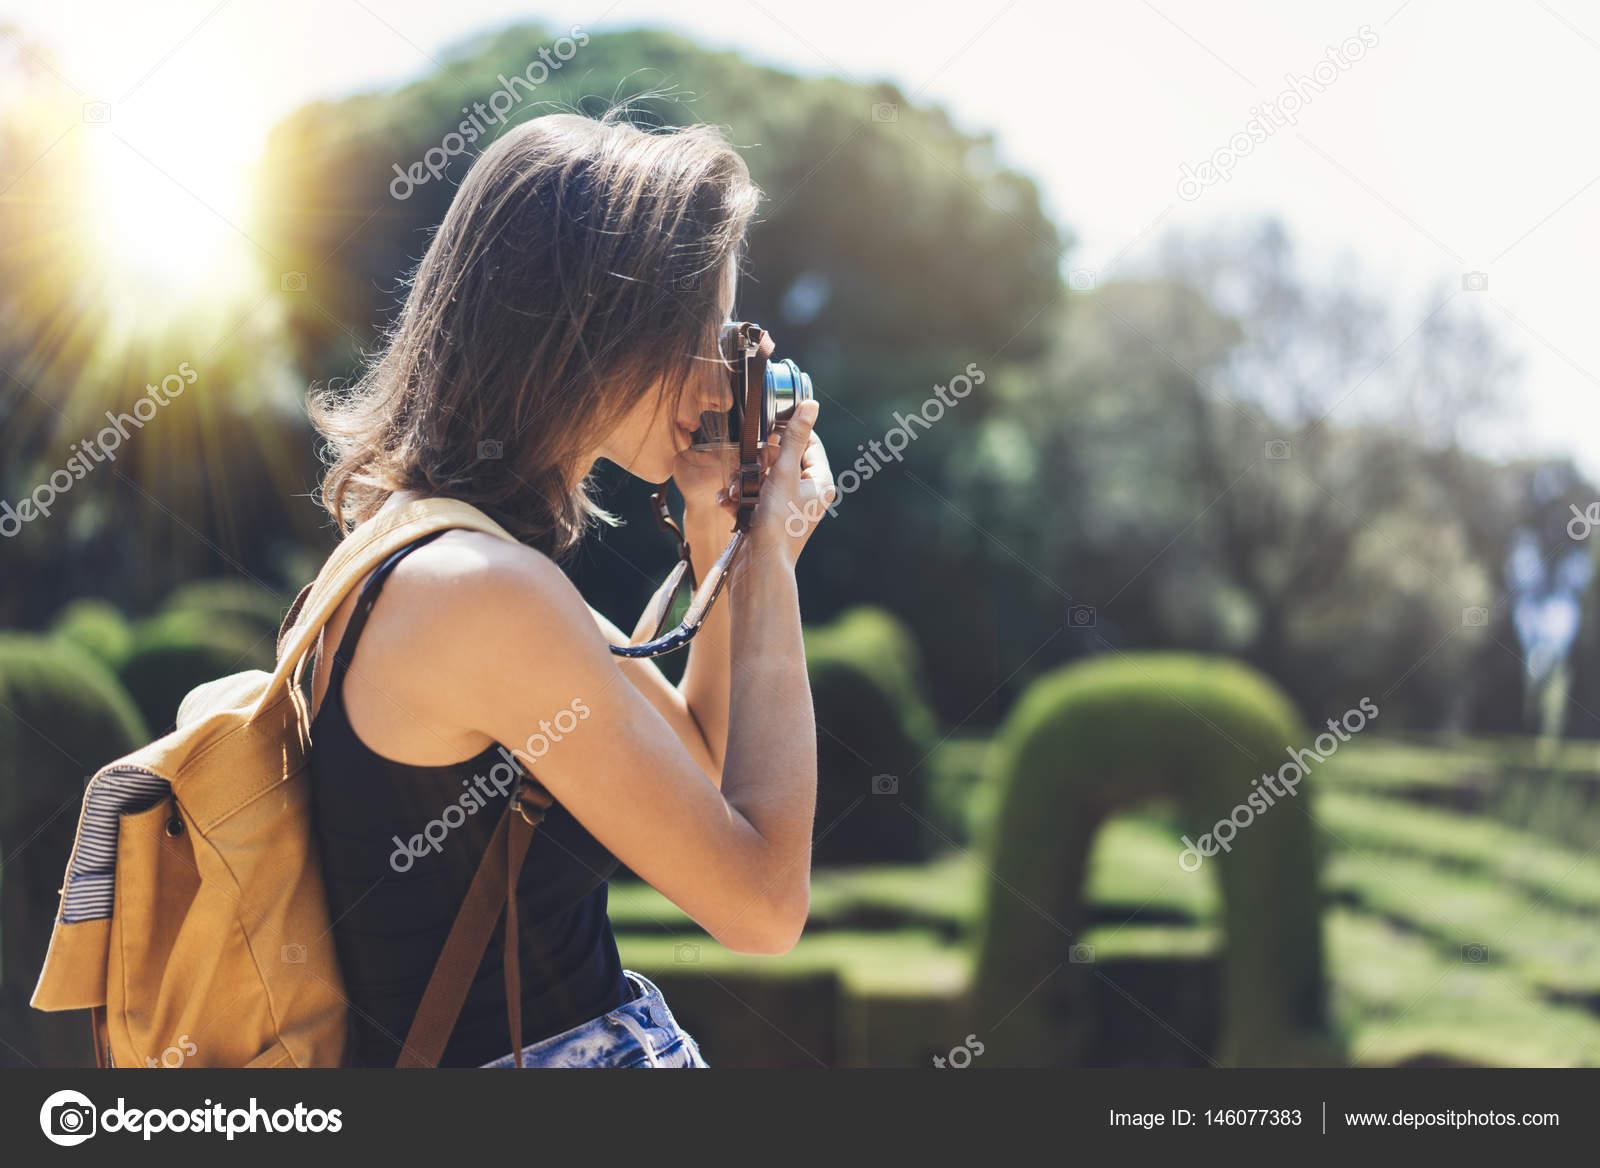 ... використовуючи vintage фотоапарат крупним планом 5d43a07a6d9b1